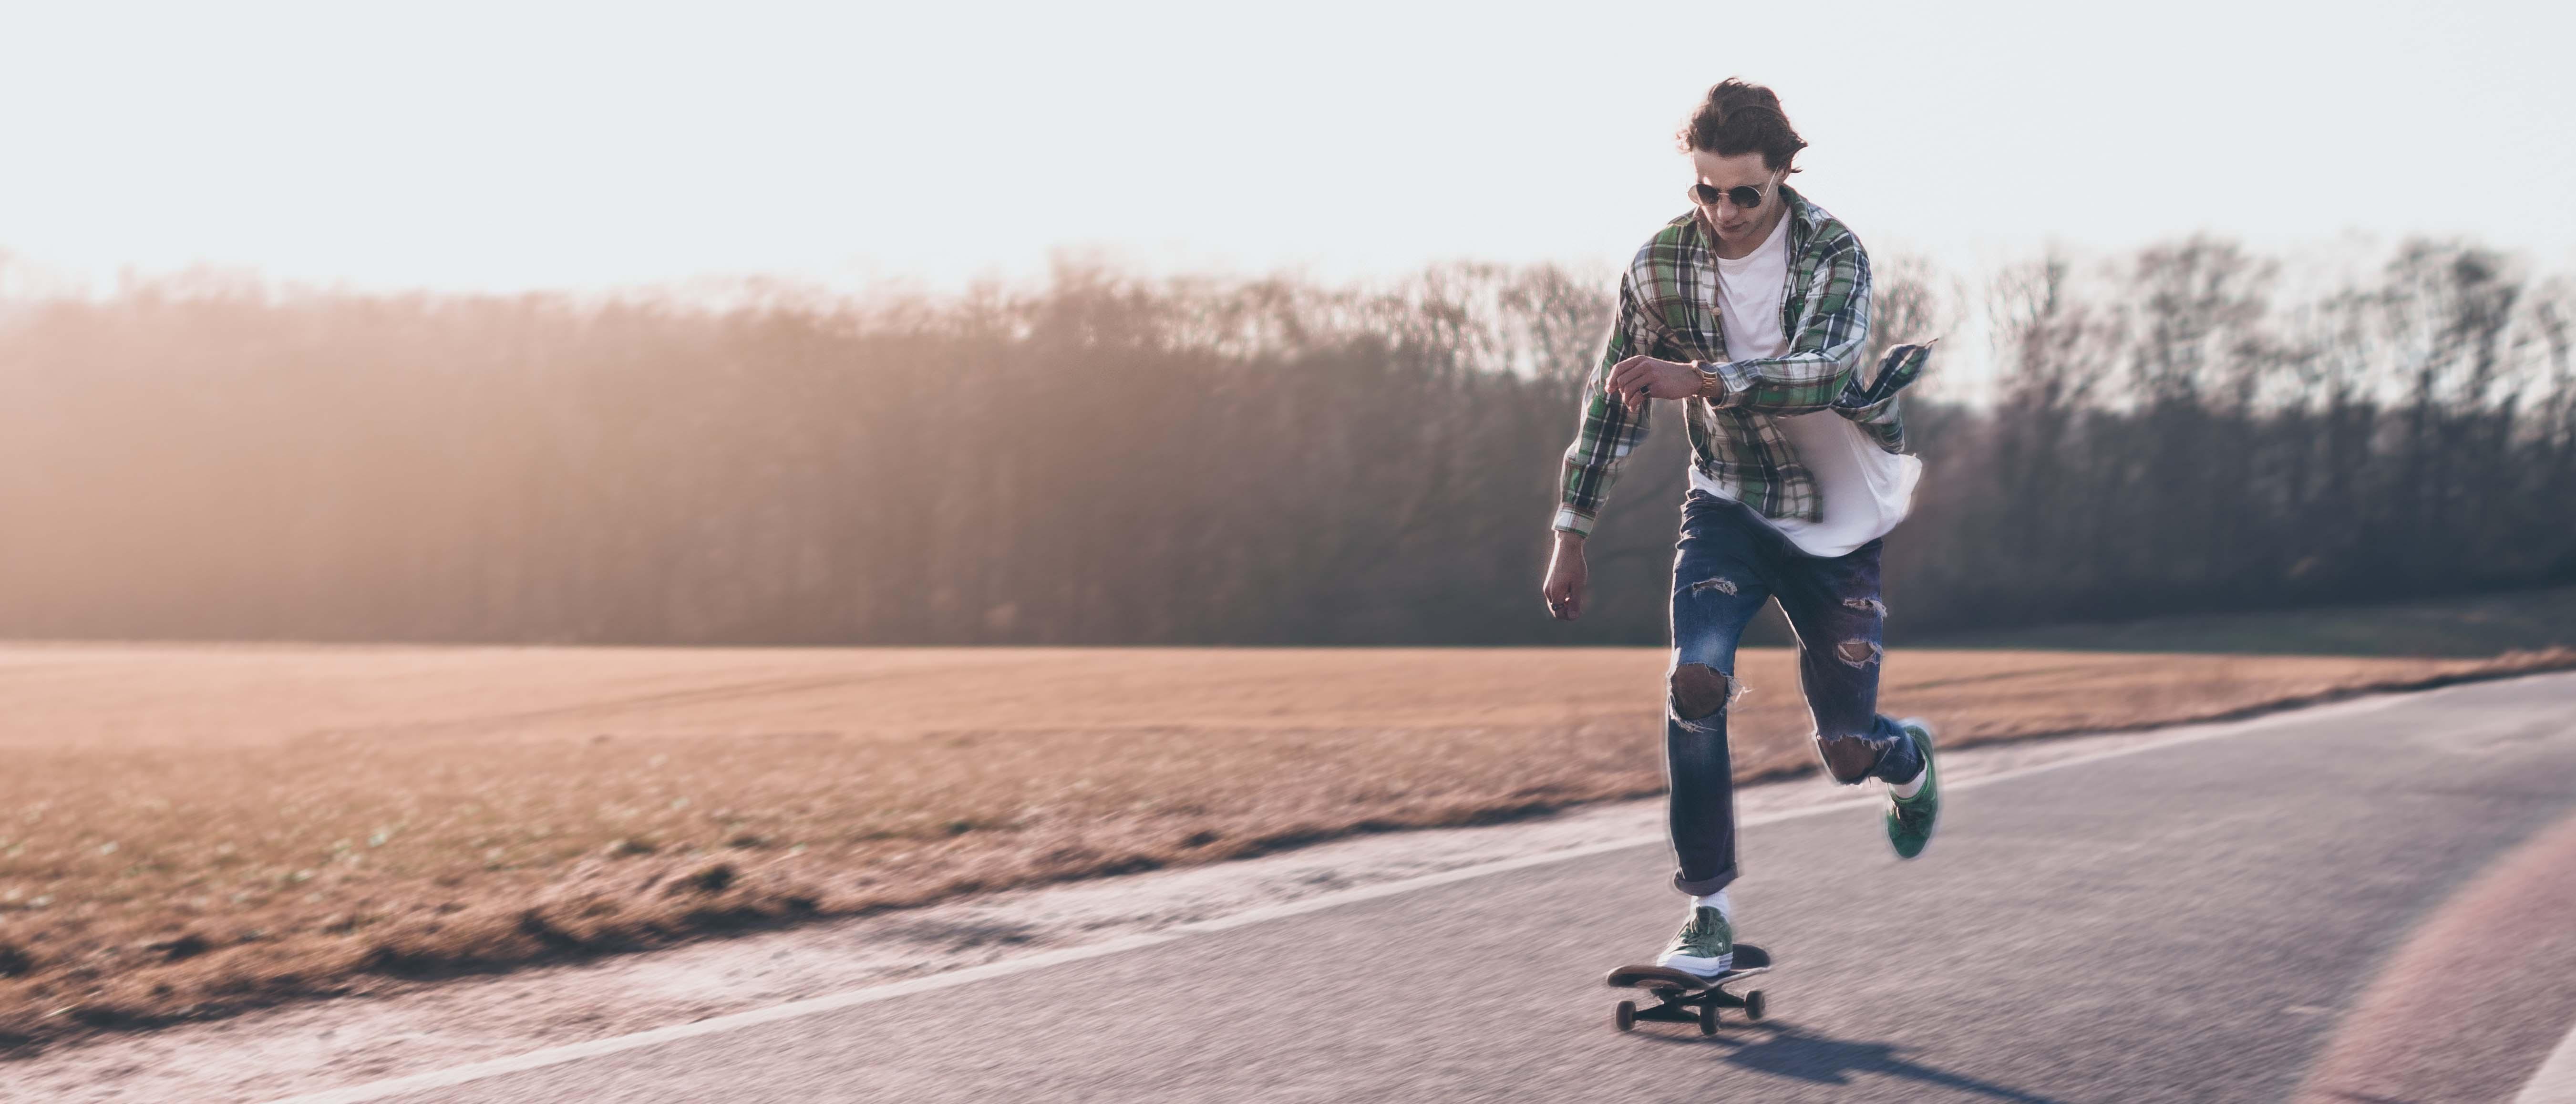 Tristan auf Skateboard für Converse